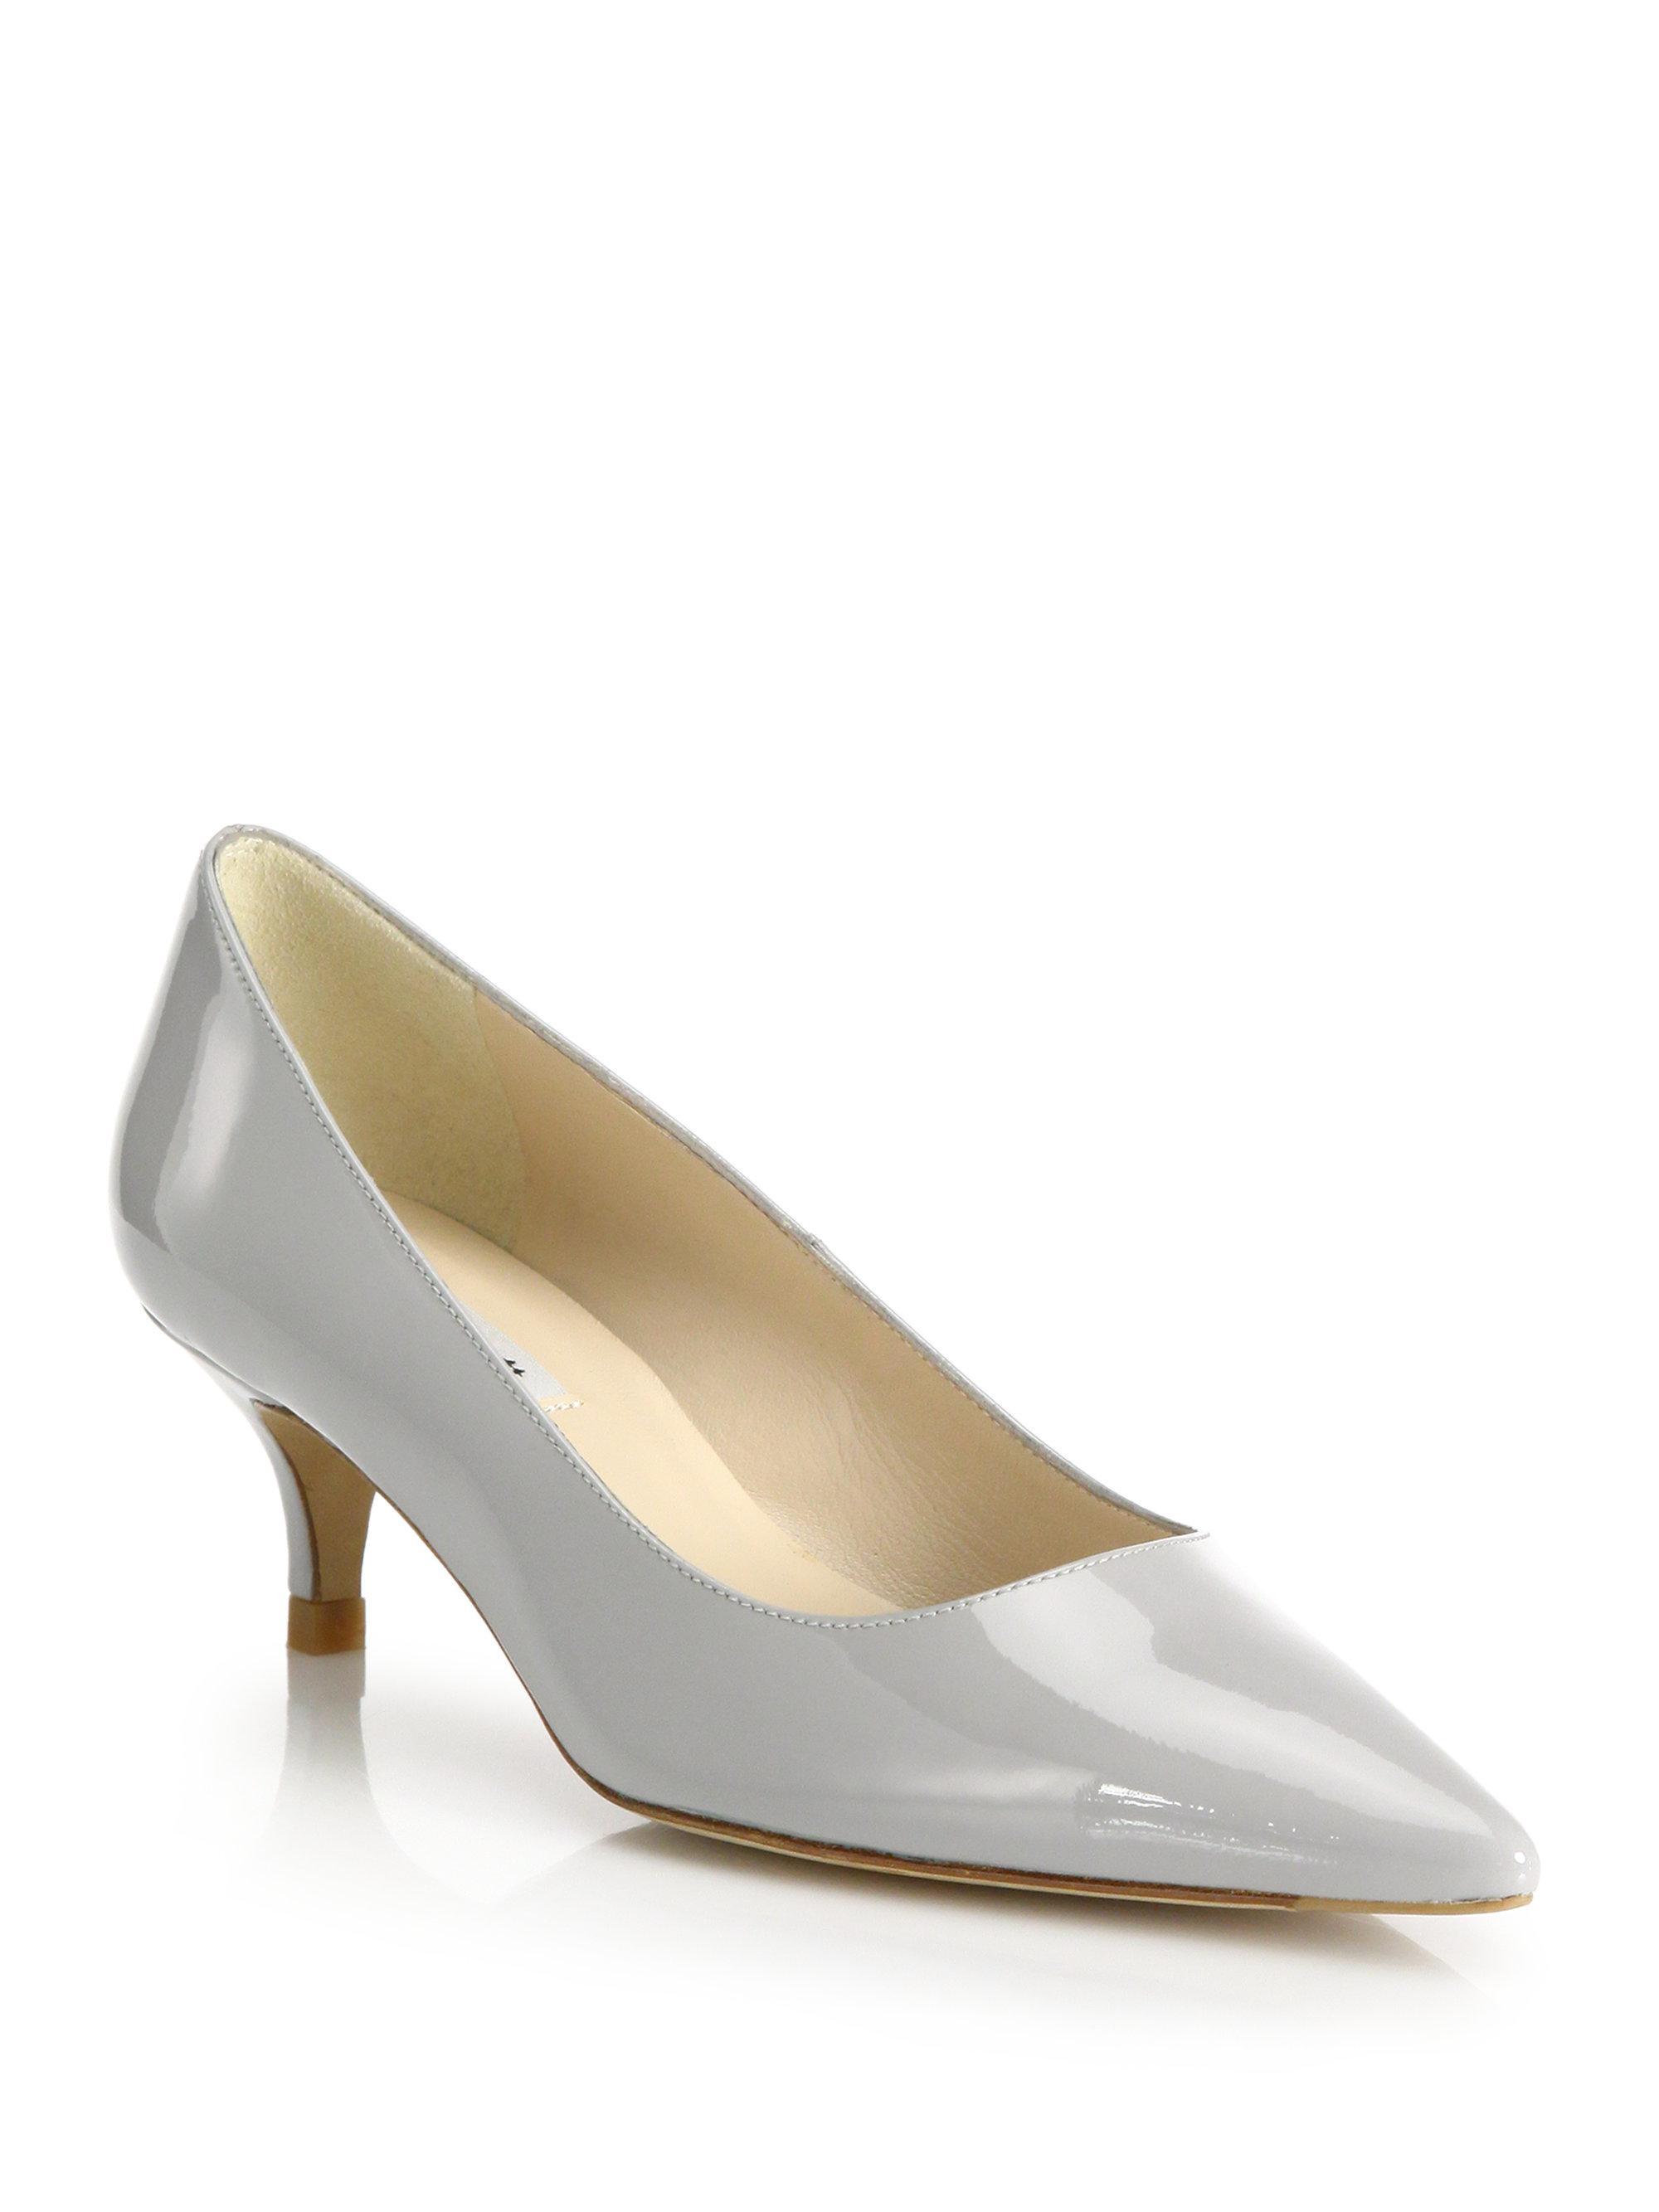 Lyst - L.k.bennett Minu Patent Leather Kitten-heel Pumps in Gray